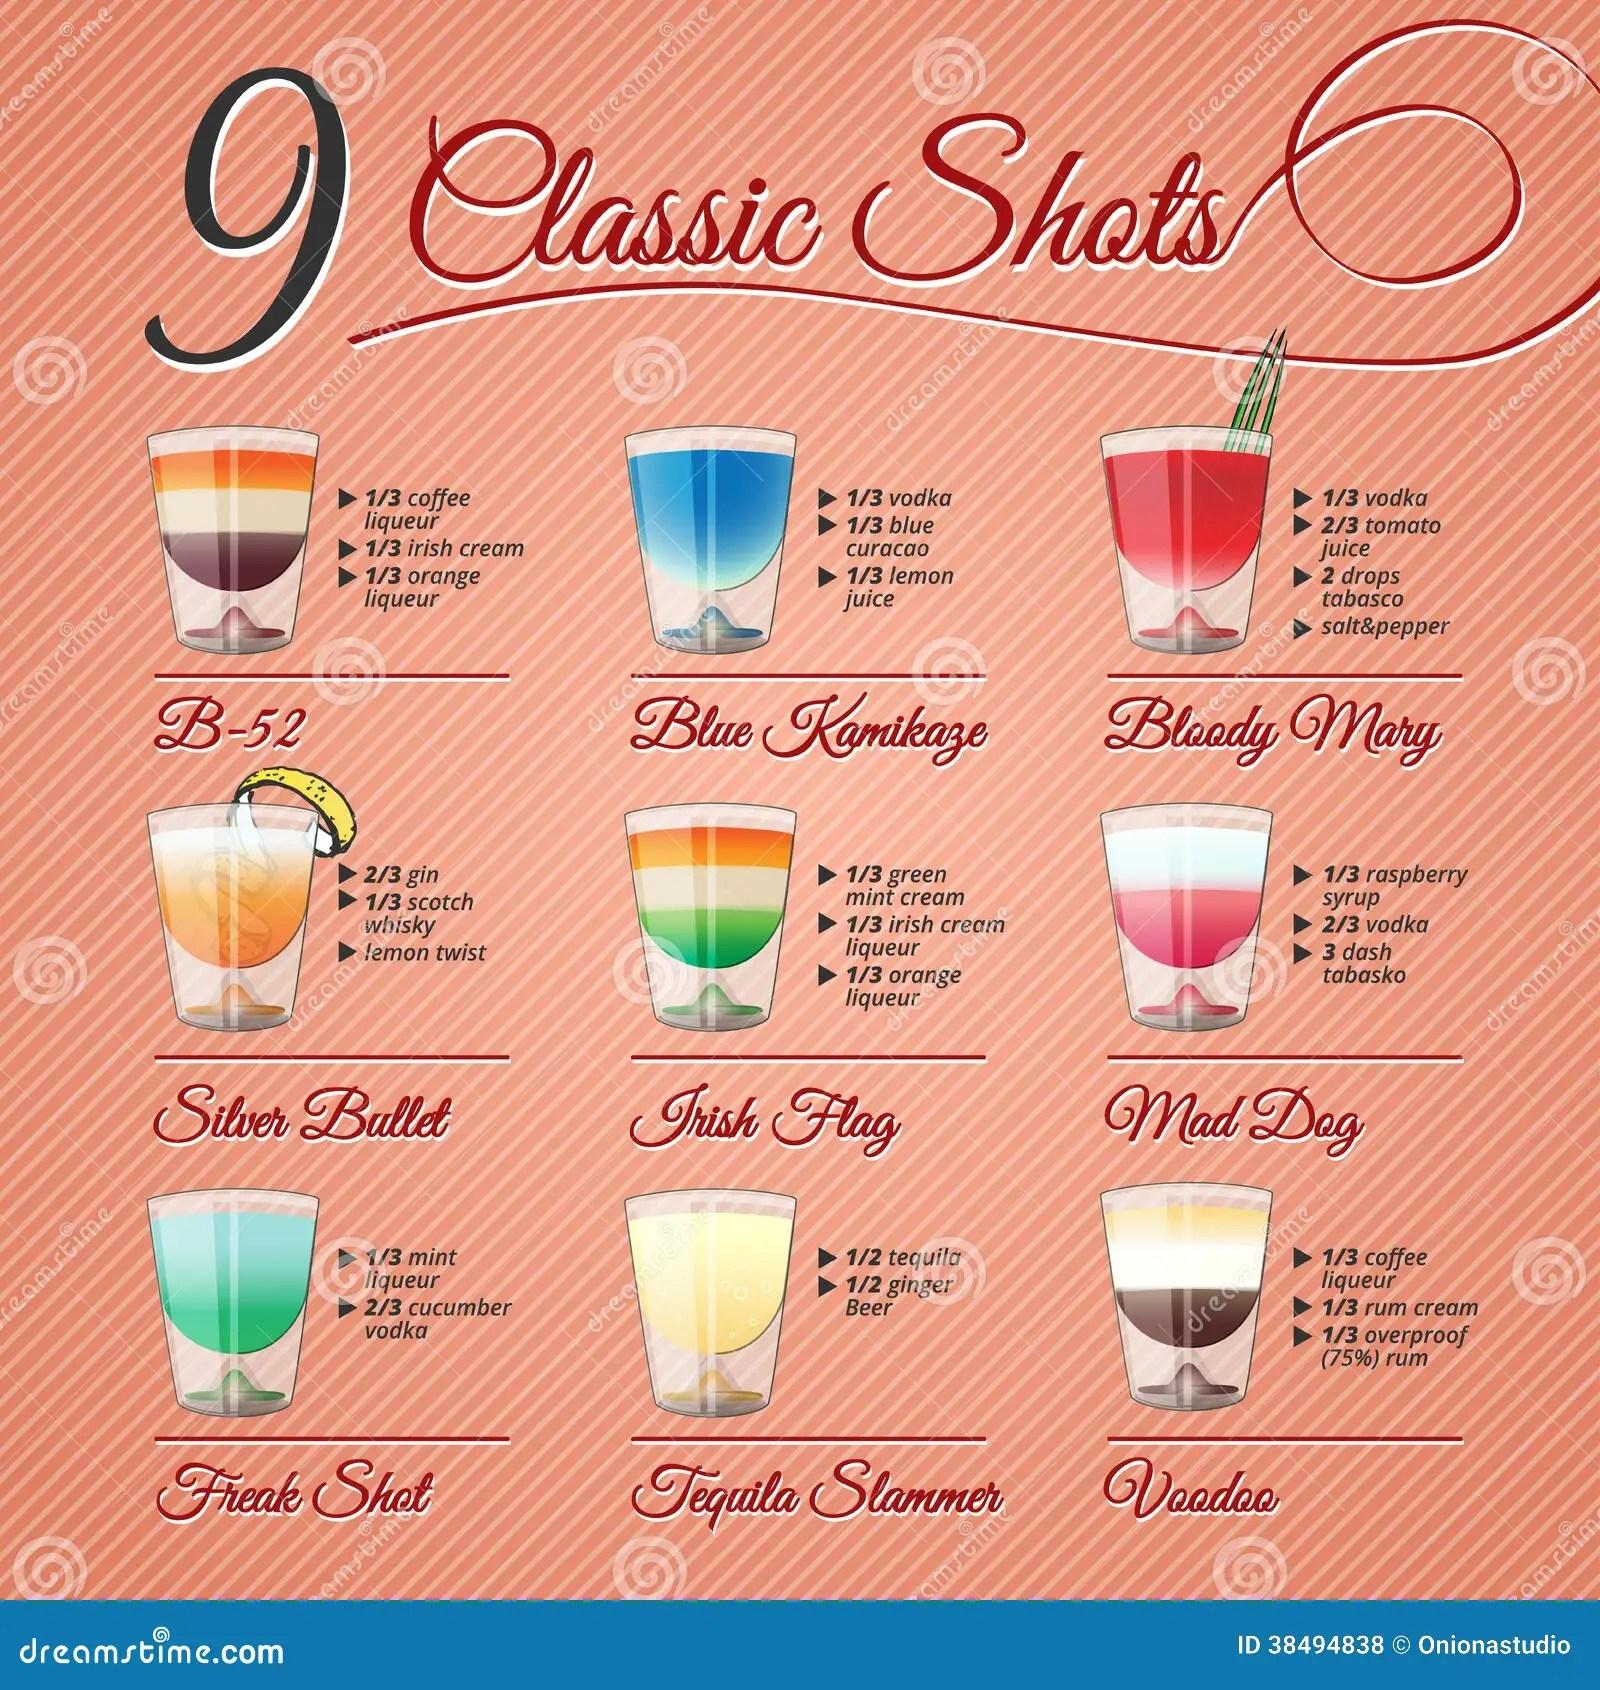 alcohol shots recipes classic alcohol shots set